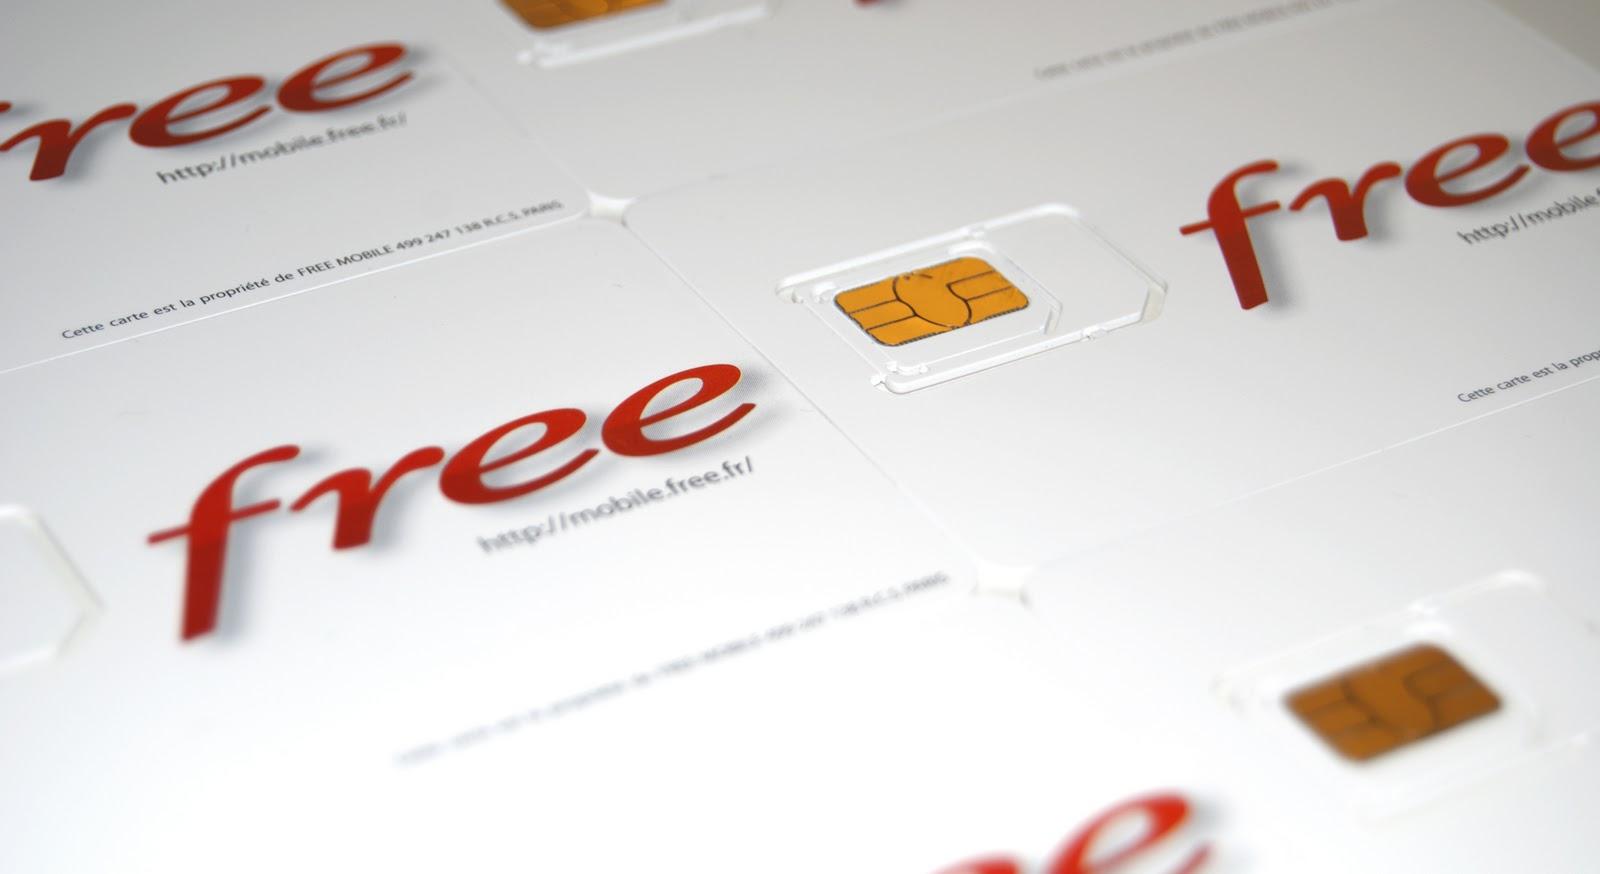 [Insatisfaction client] Free choisit l'insatisfaction … pour le bien de ses clients